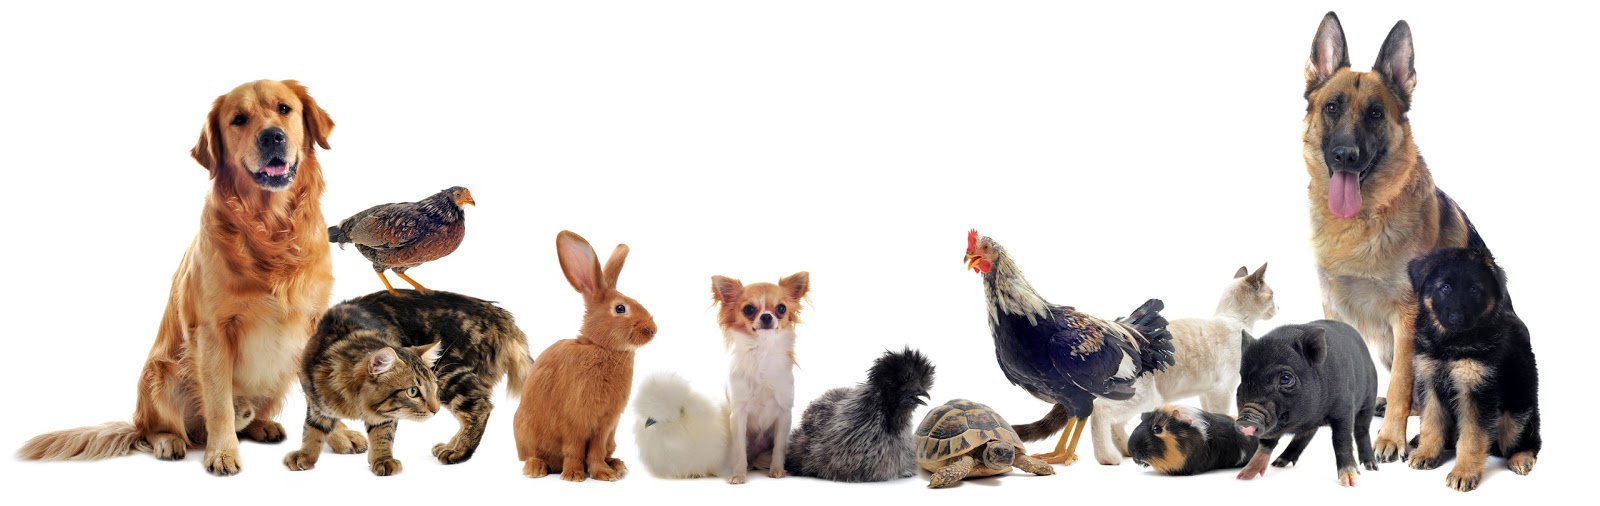 نتيجة بحث الصور عن حيوانات اليفة